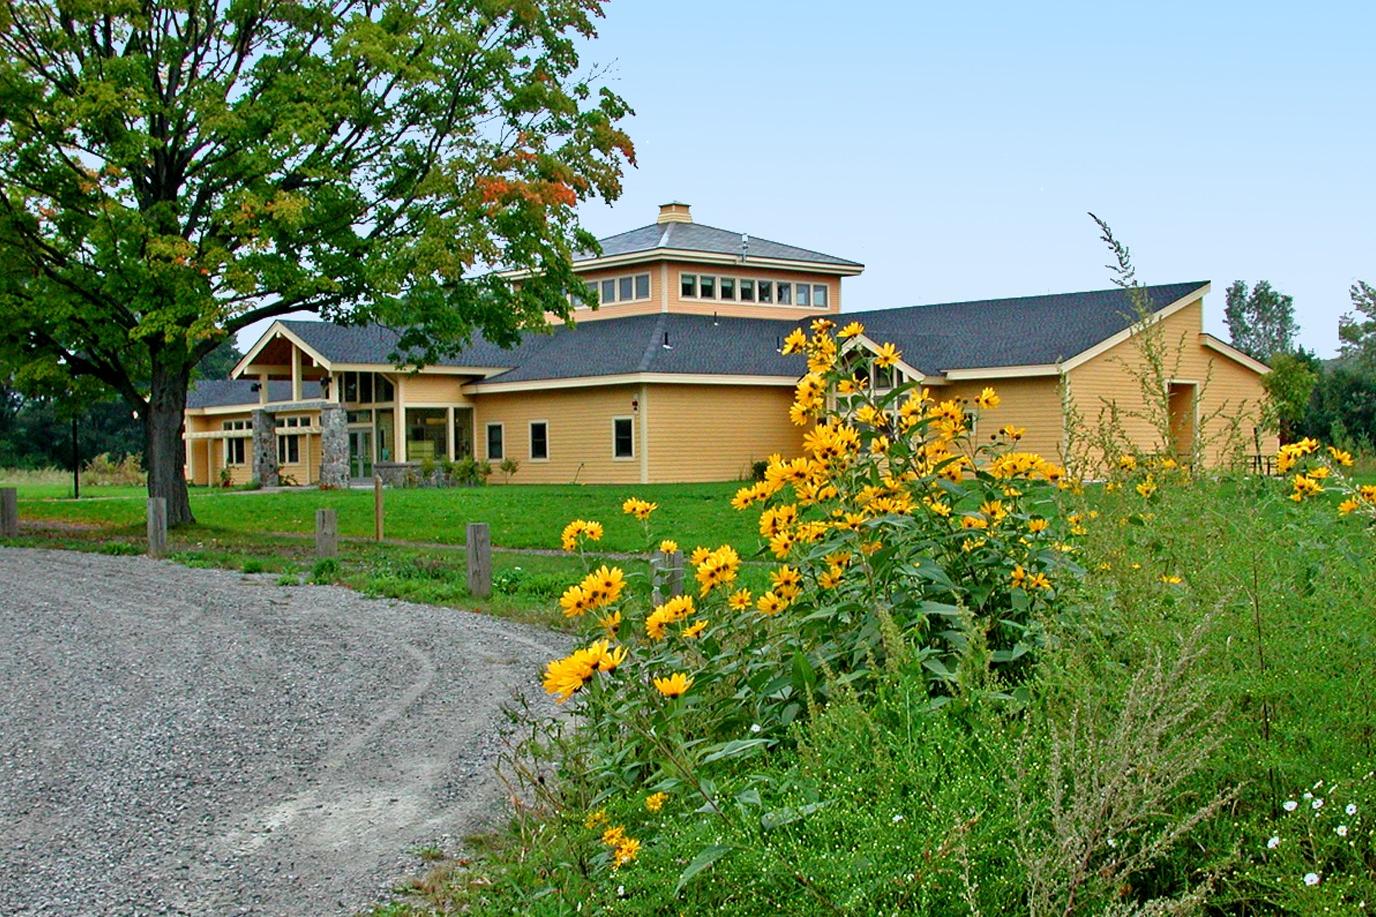 Boston Nature Center